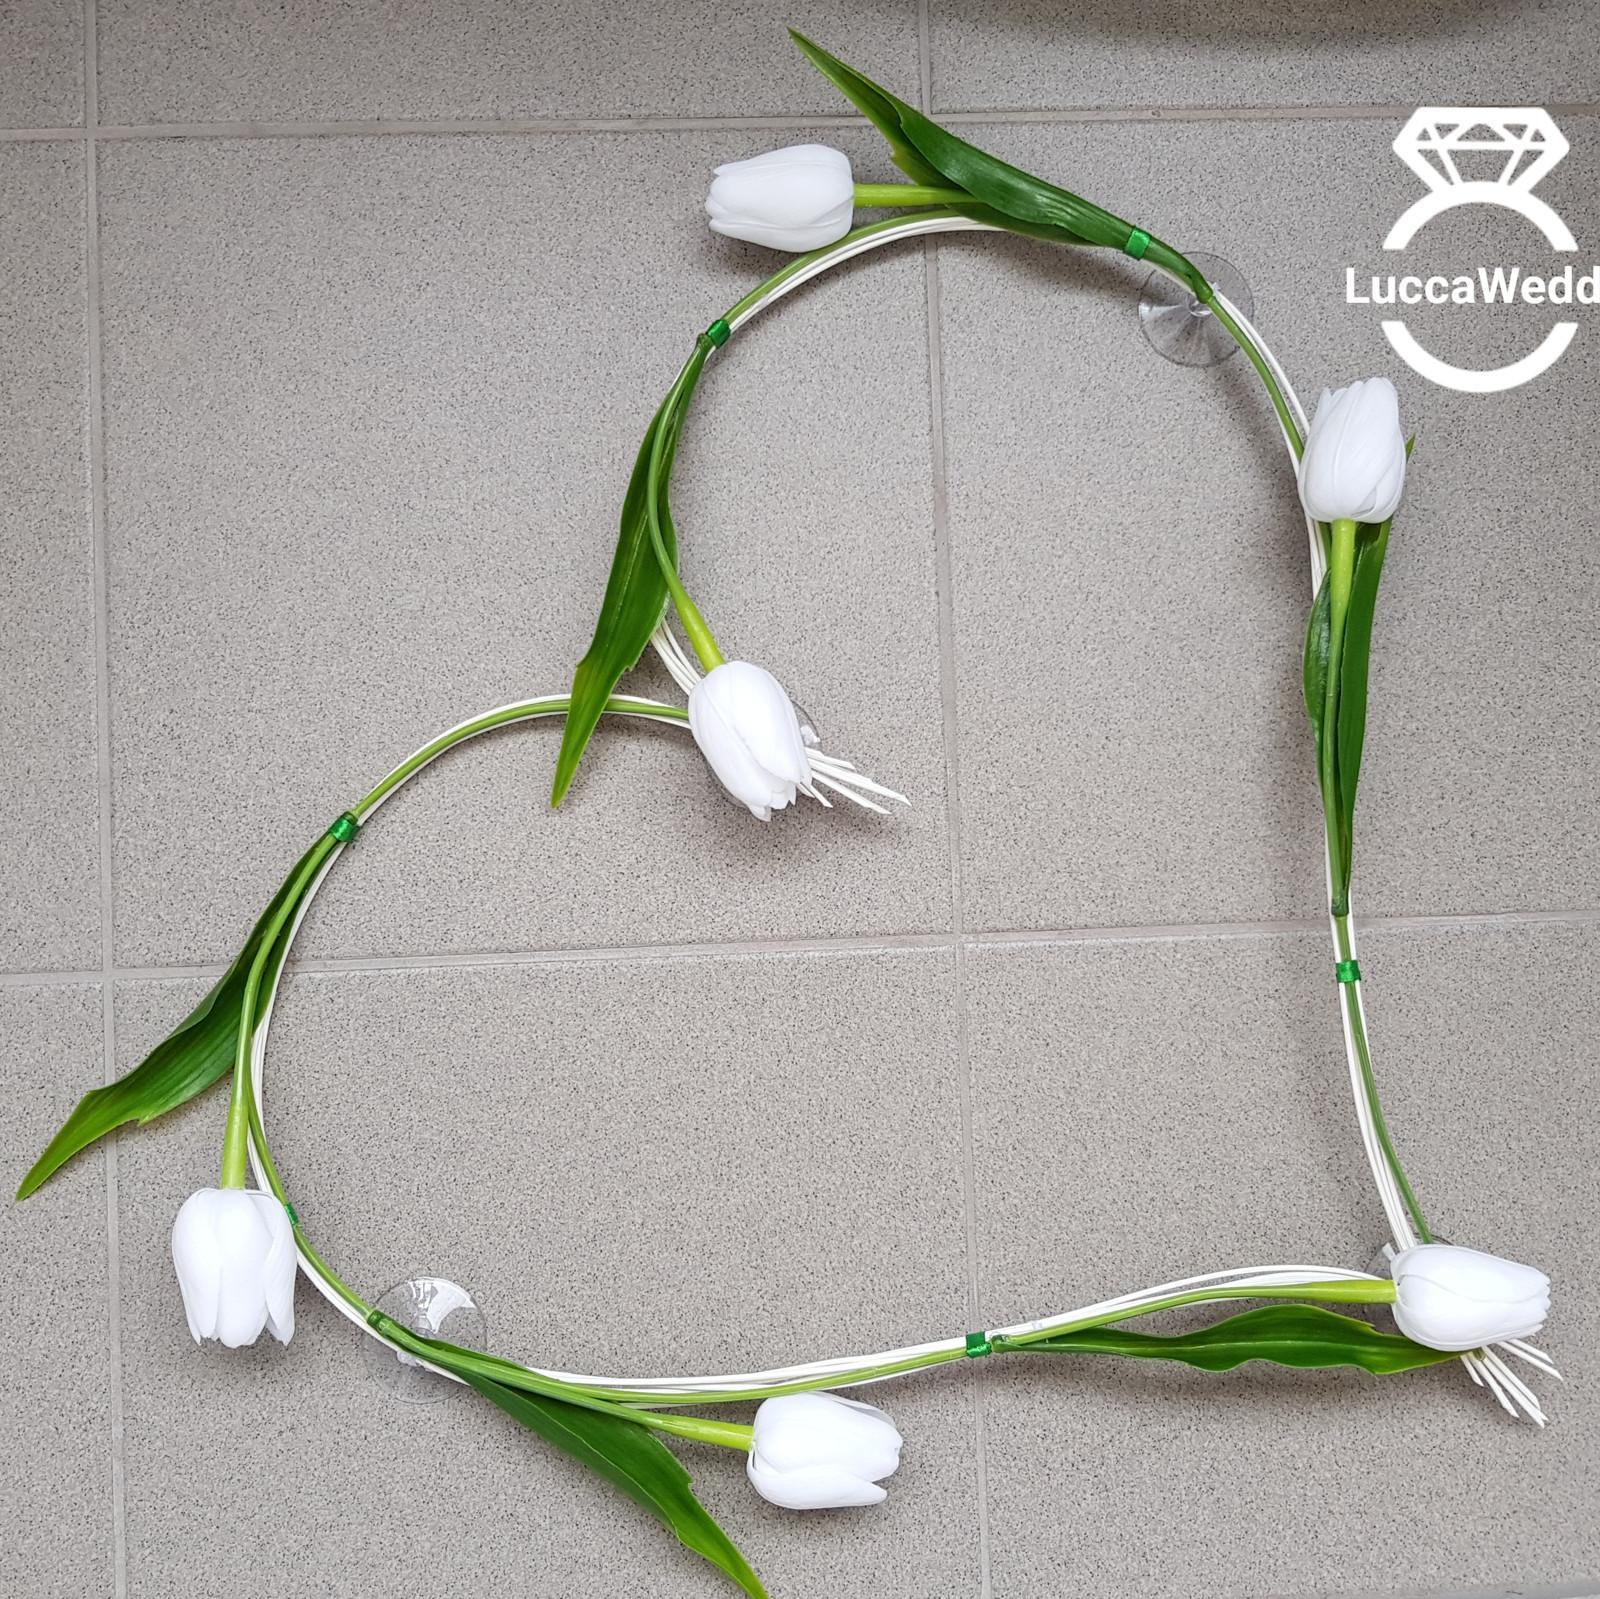 Pedigove srdce - bile tulipany - Obrázek č. 1